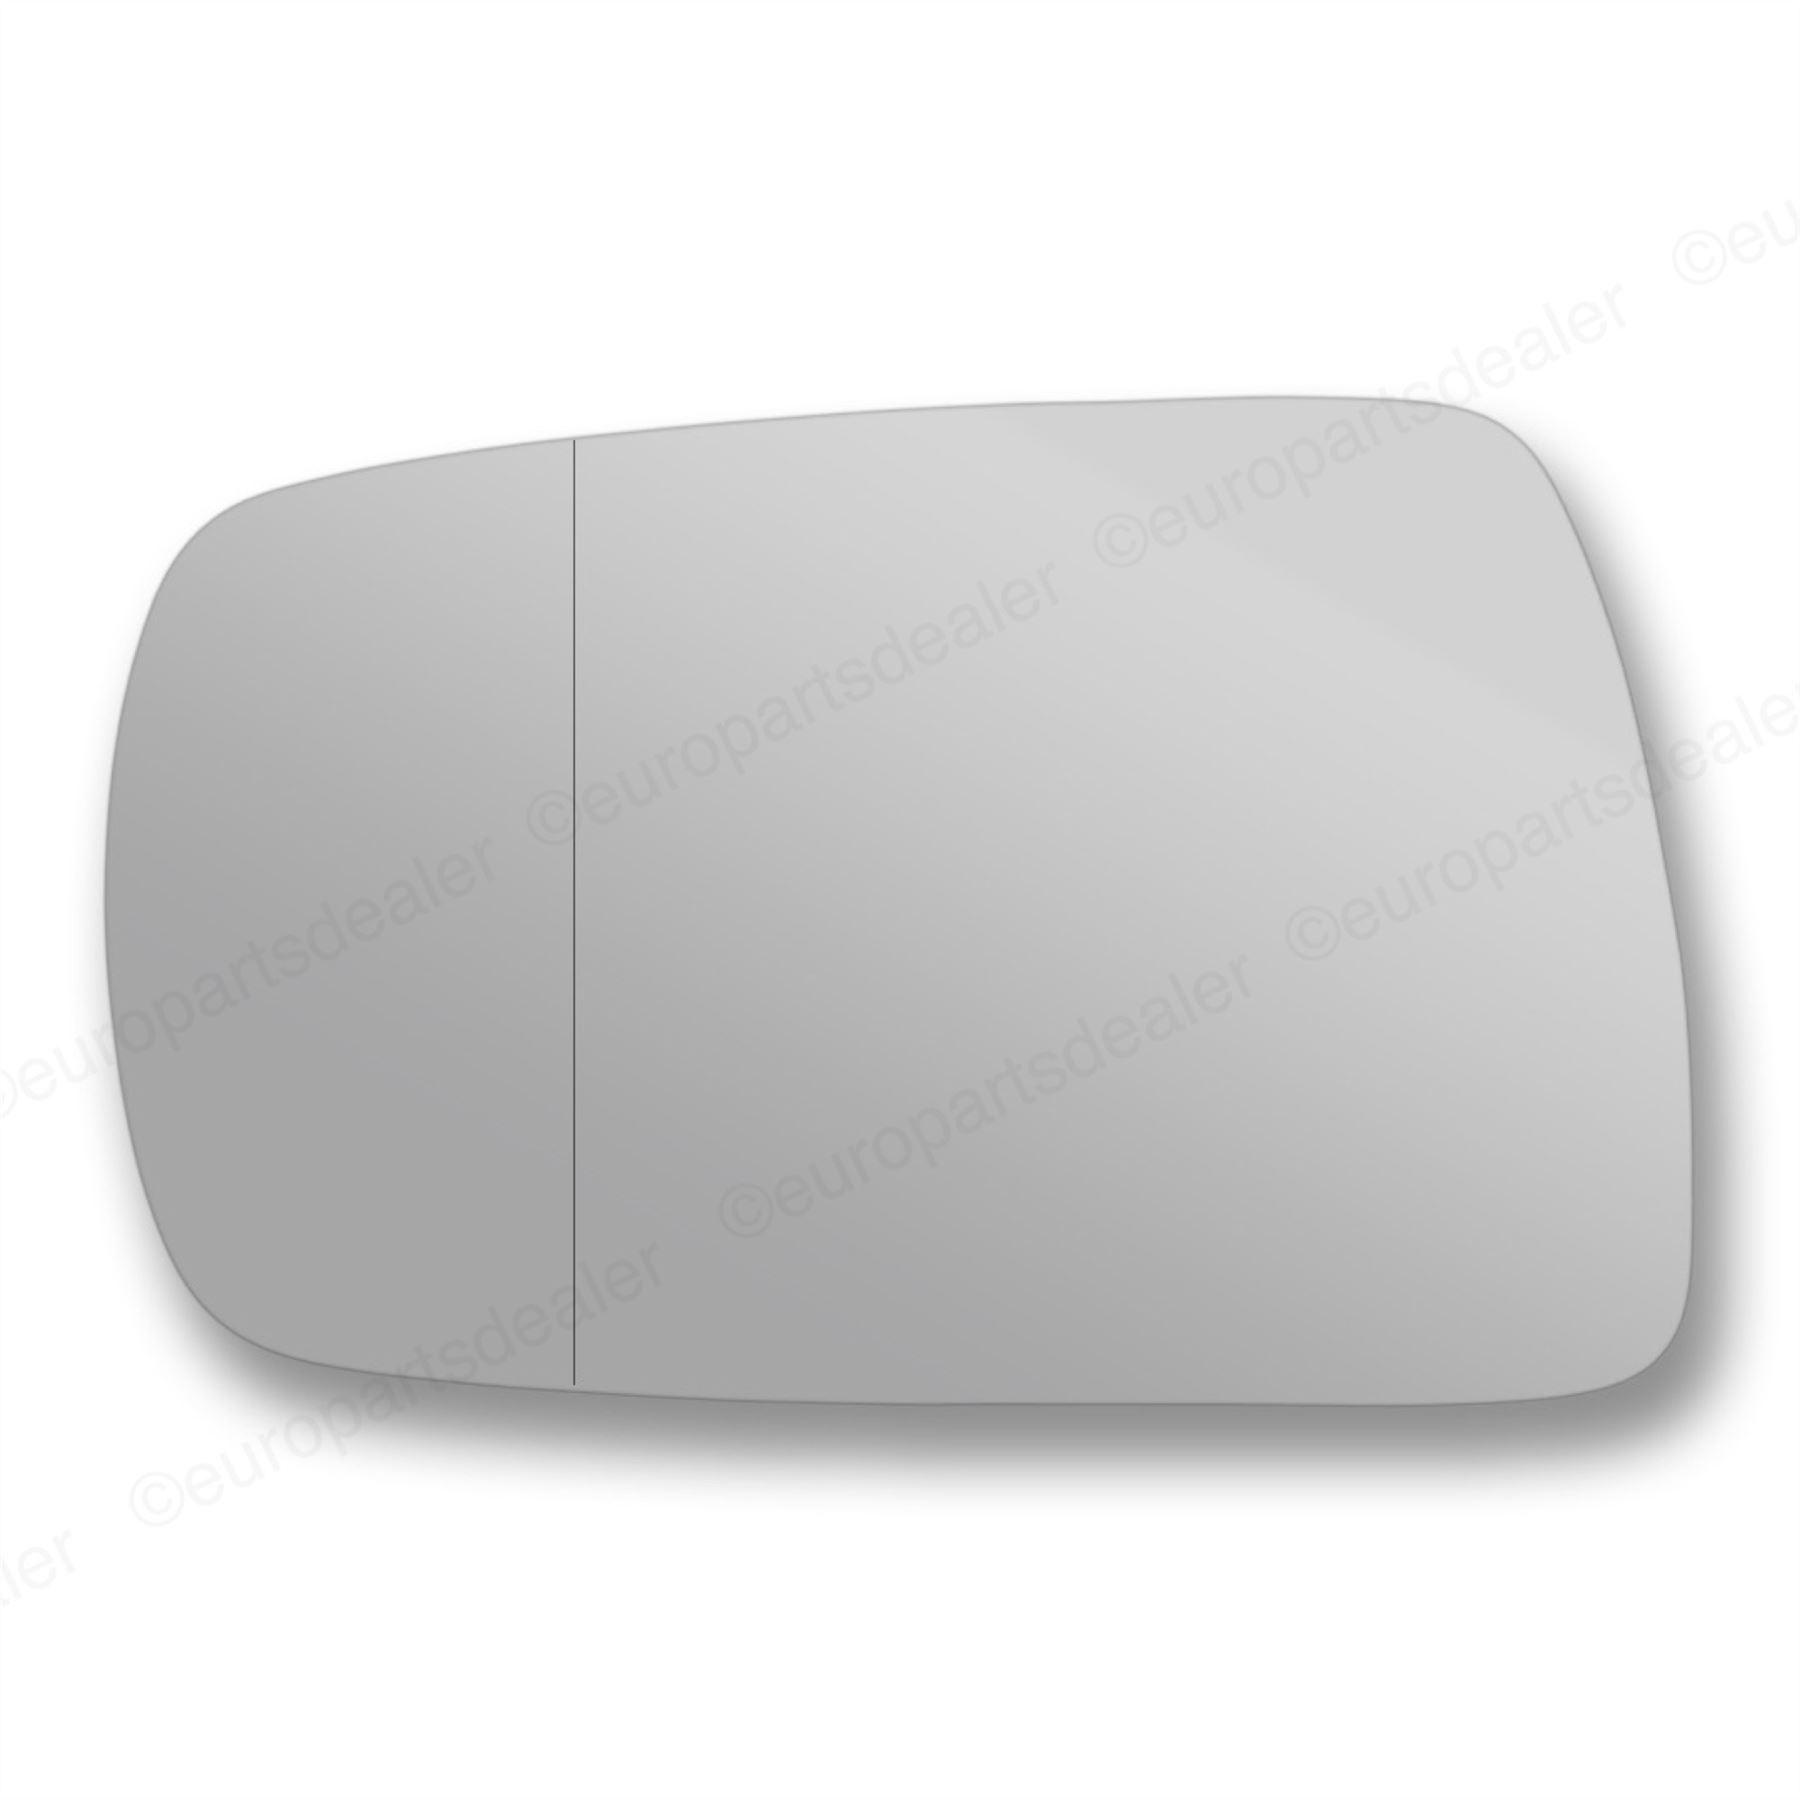 Left Passenger side Wing door mirror glass for Kia Sedona 2006-2014 heated